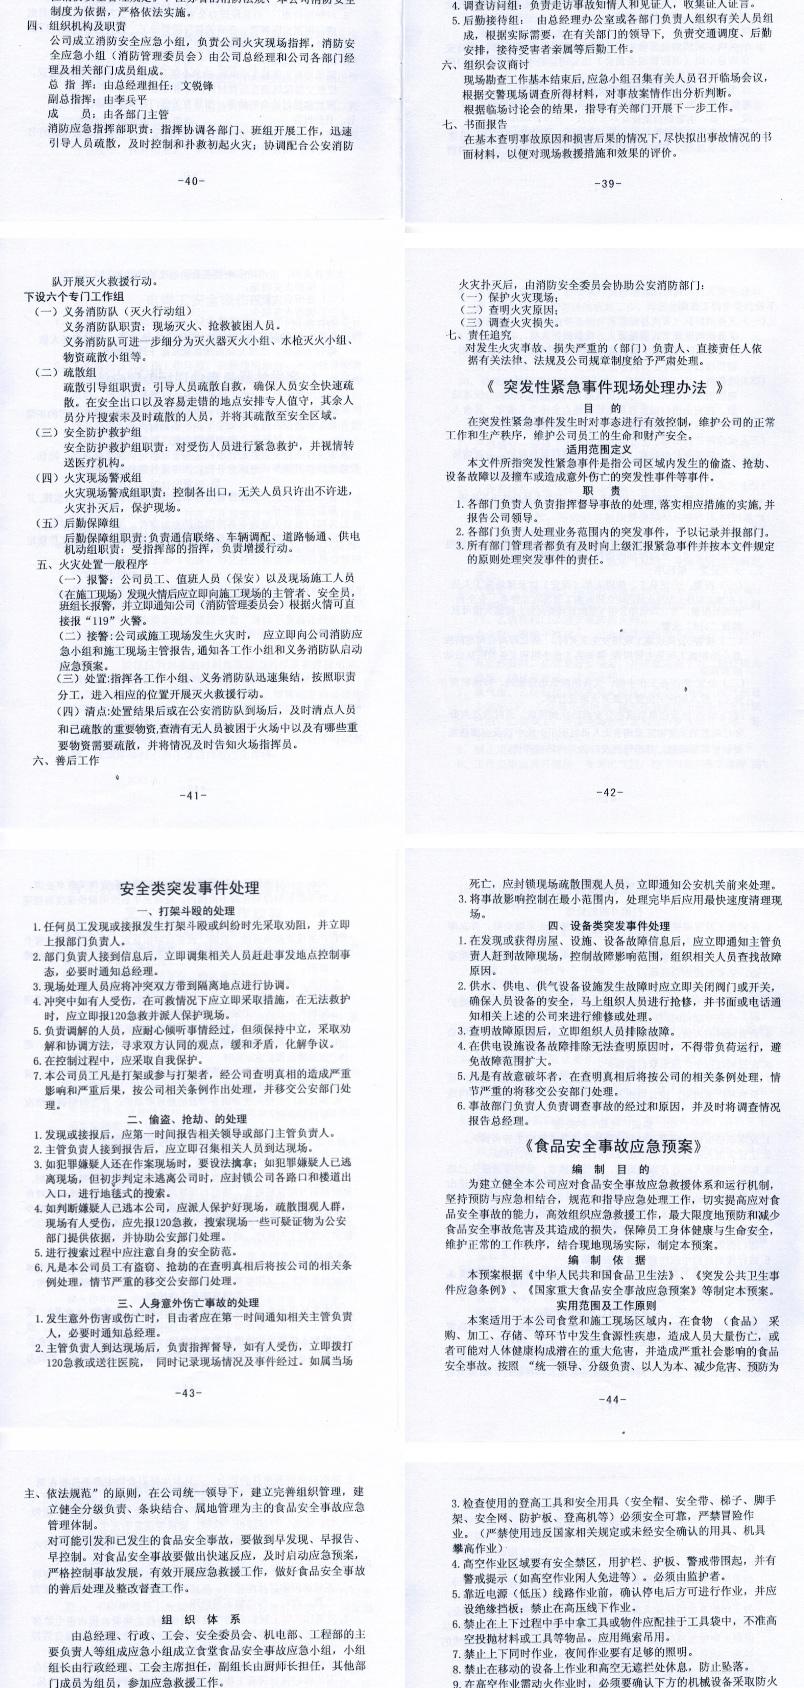 安全手册-安达利机电bob手机工程有限公司_08.jpg